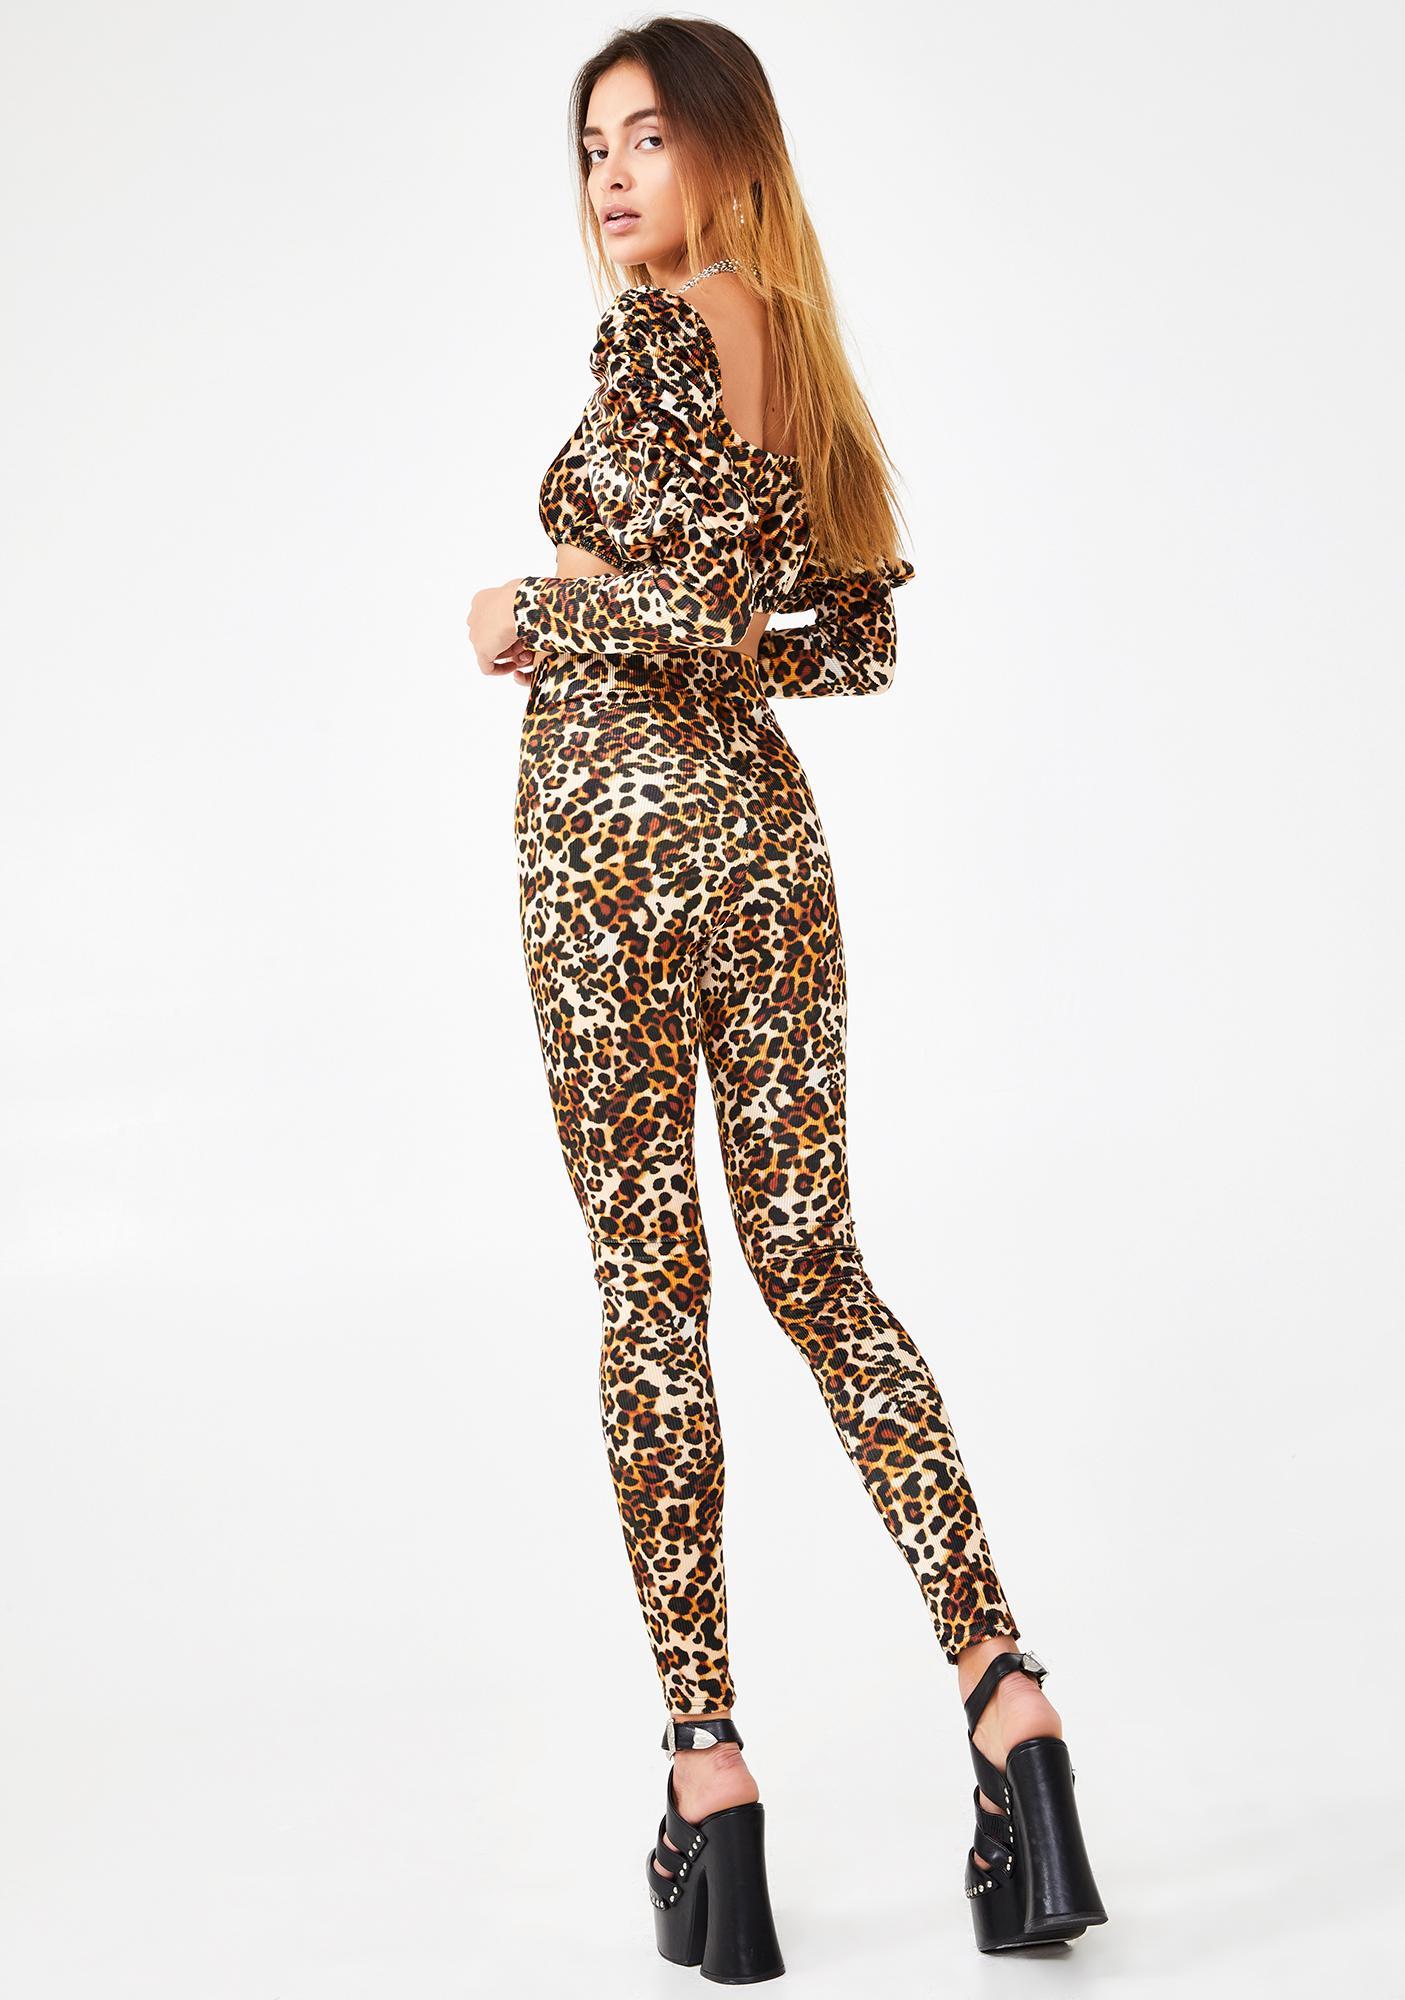 NEW GIRL ORDER Leopard Print Leggings